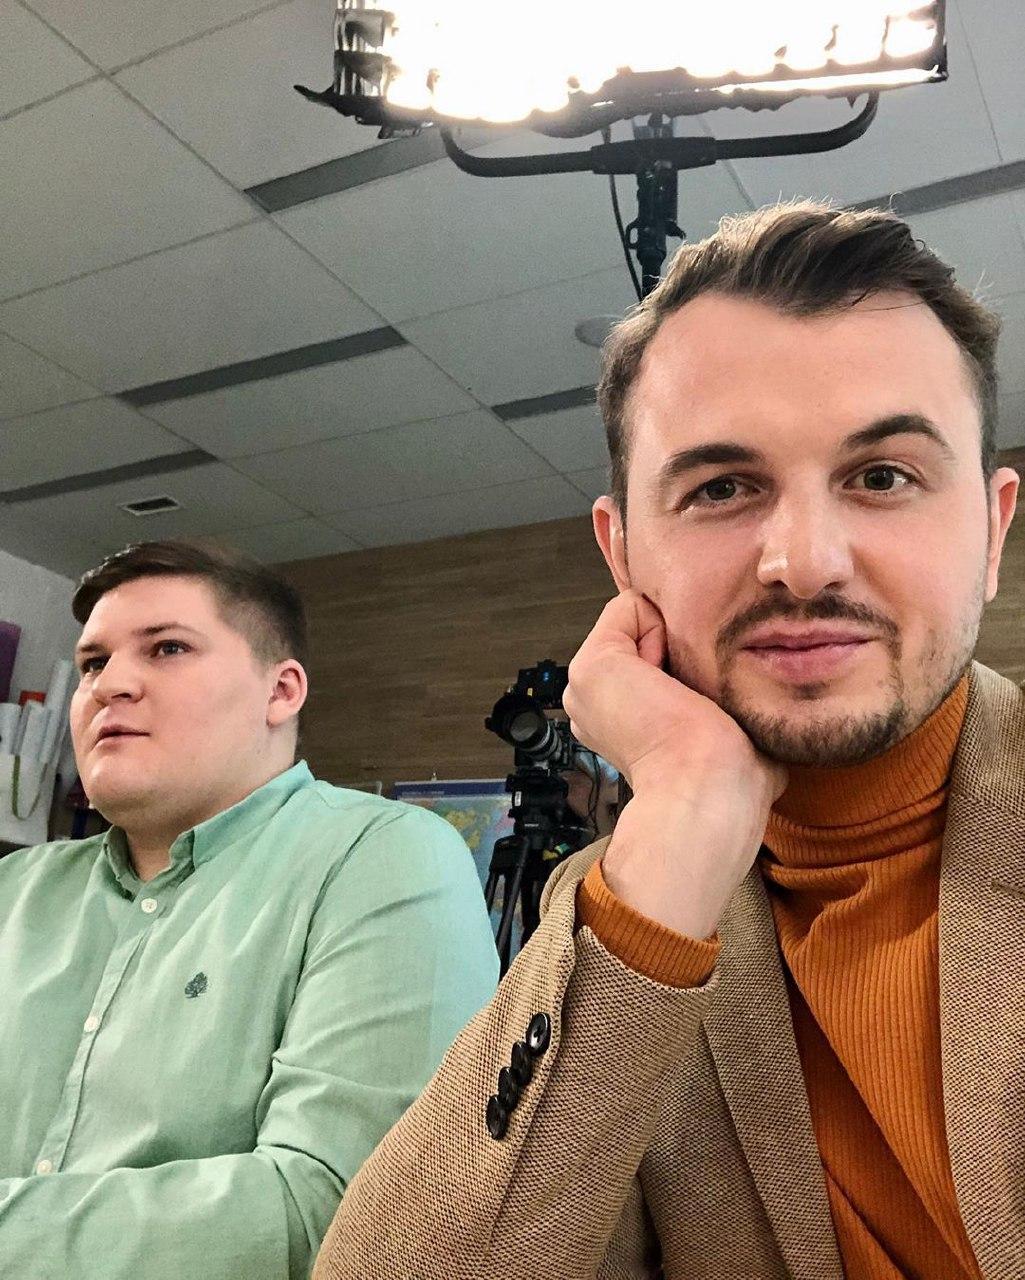 Вместе со звездами и спортсменами: Евгений Янович рассказал, как снова оказался за партой